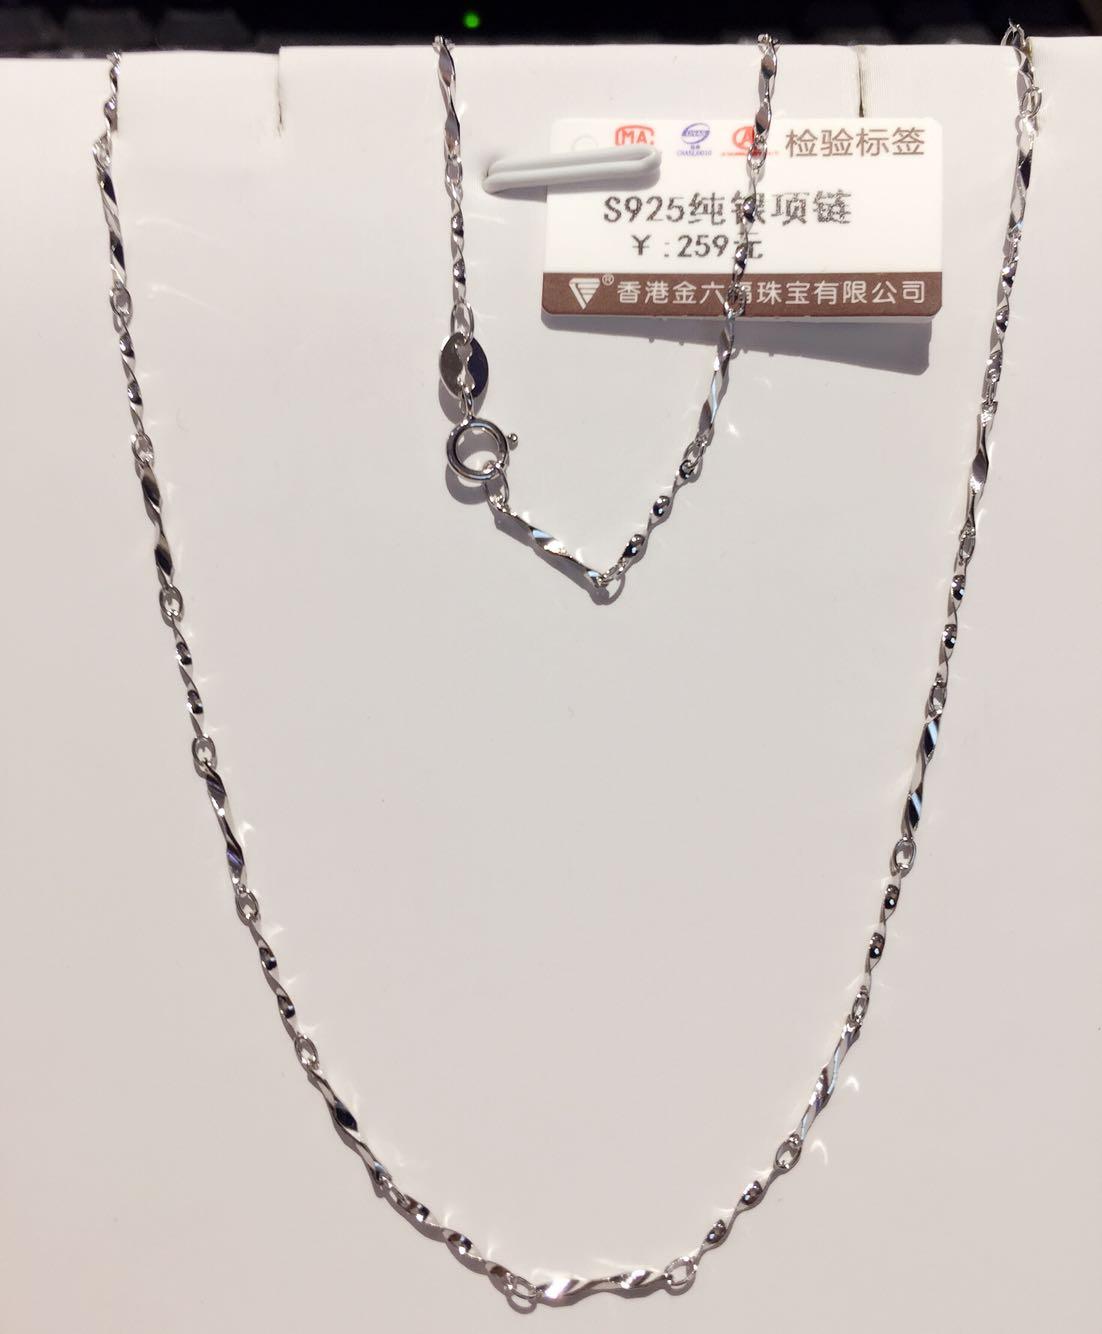 四折包邮正品香港金六福专卖店销售 s925纯银螺旋间扭花18寸项链图片